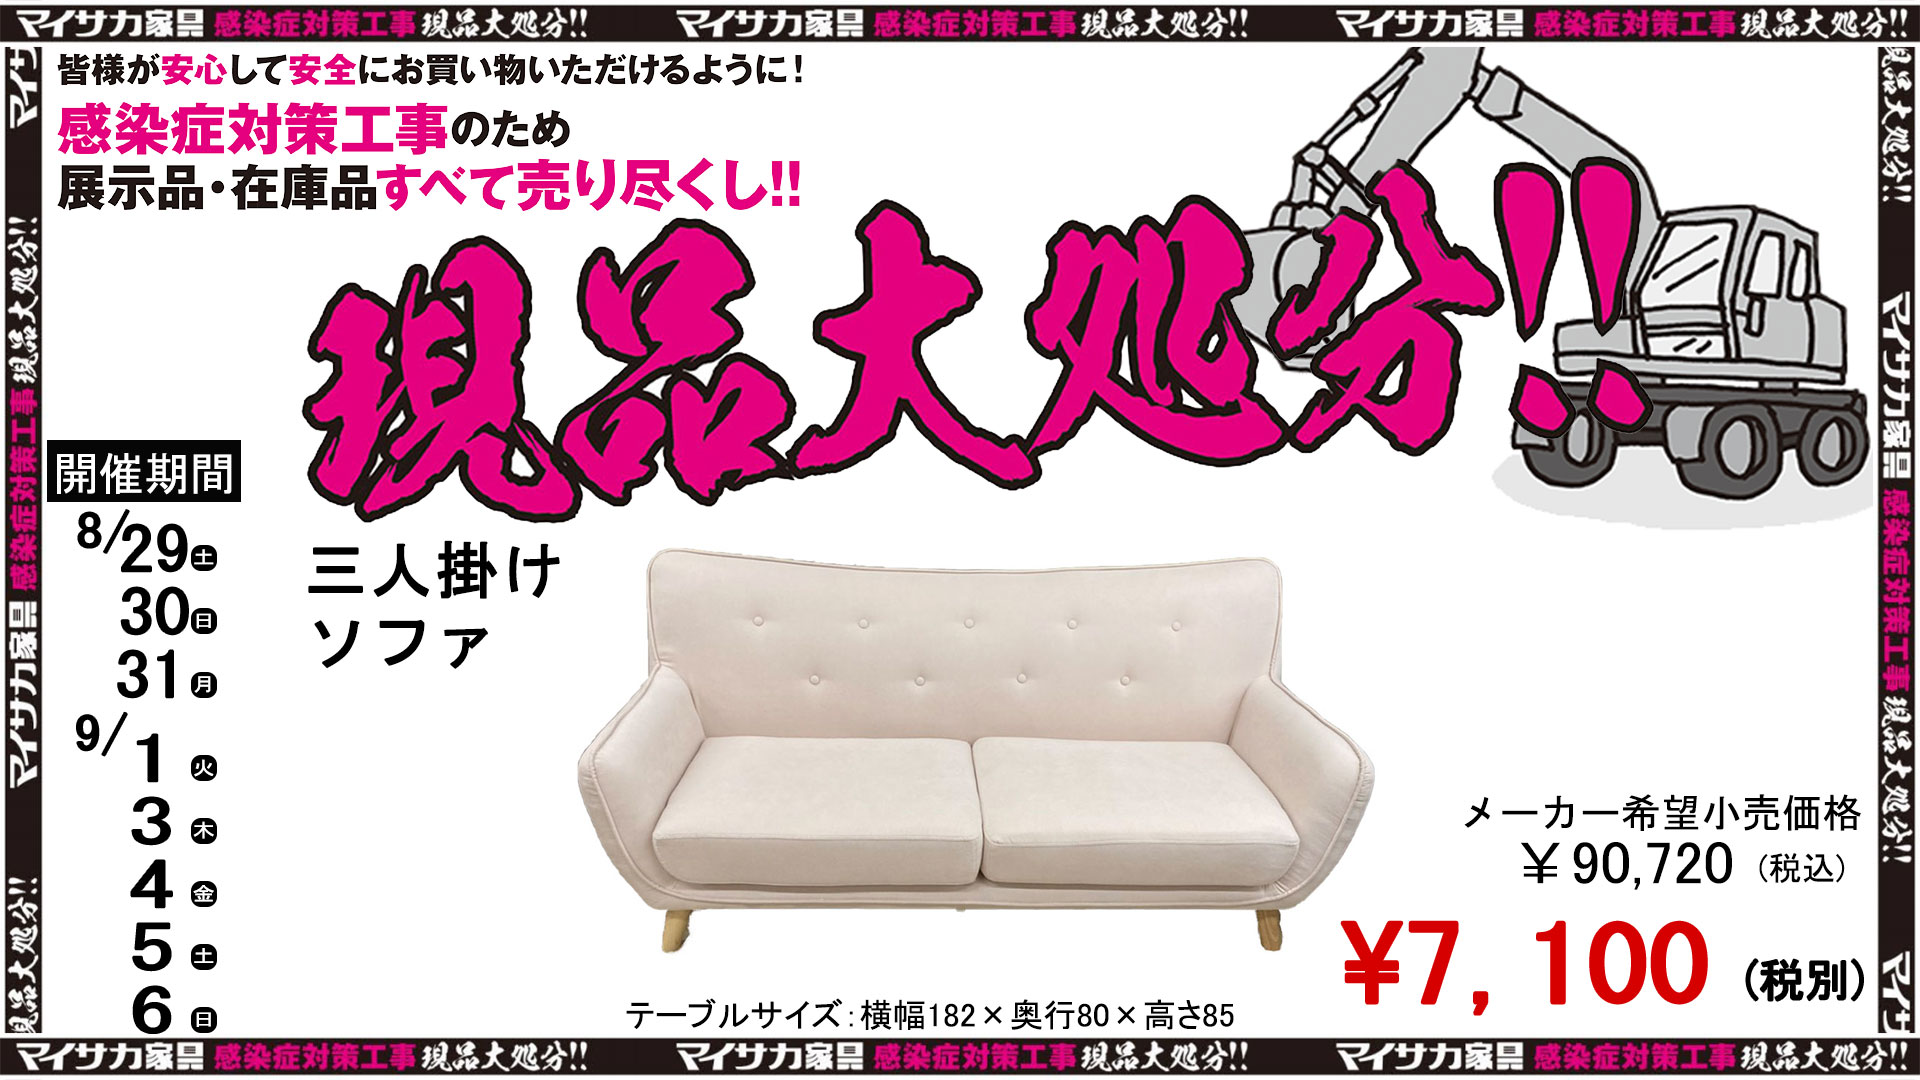 三人掛けの北欧デザインソファが7,100円のチラシ画像